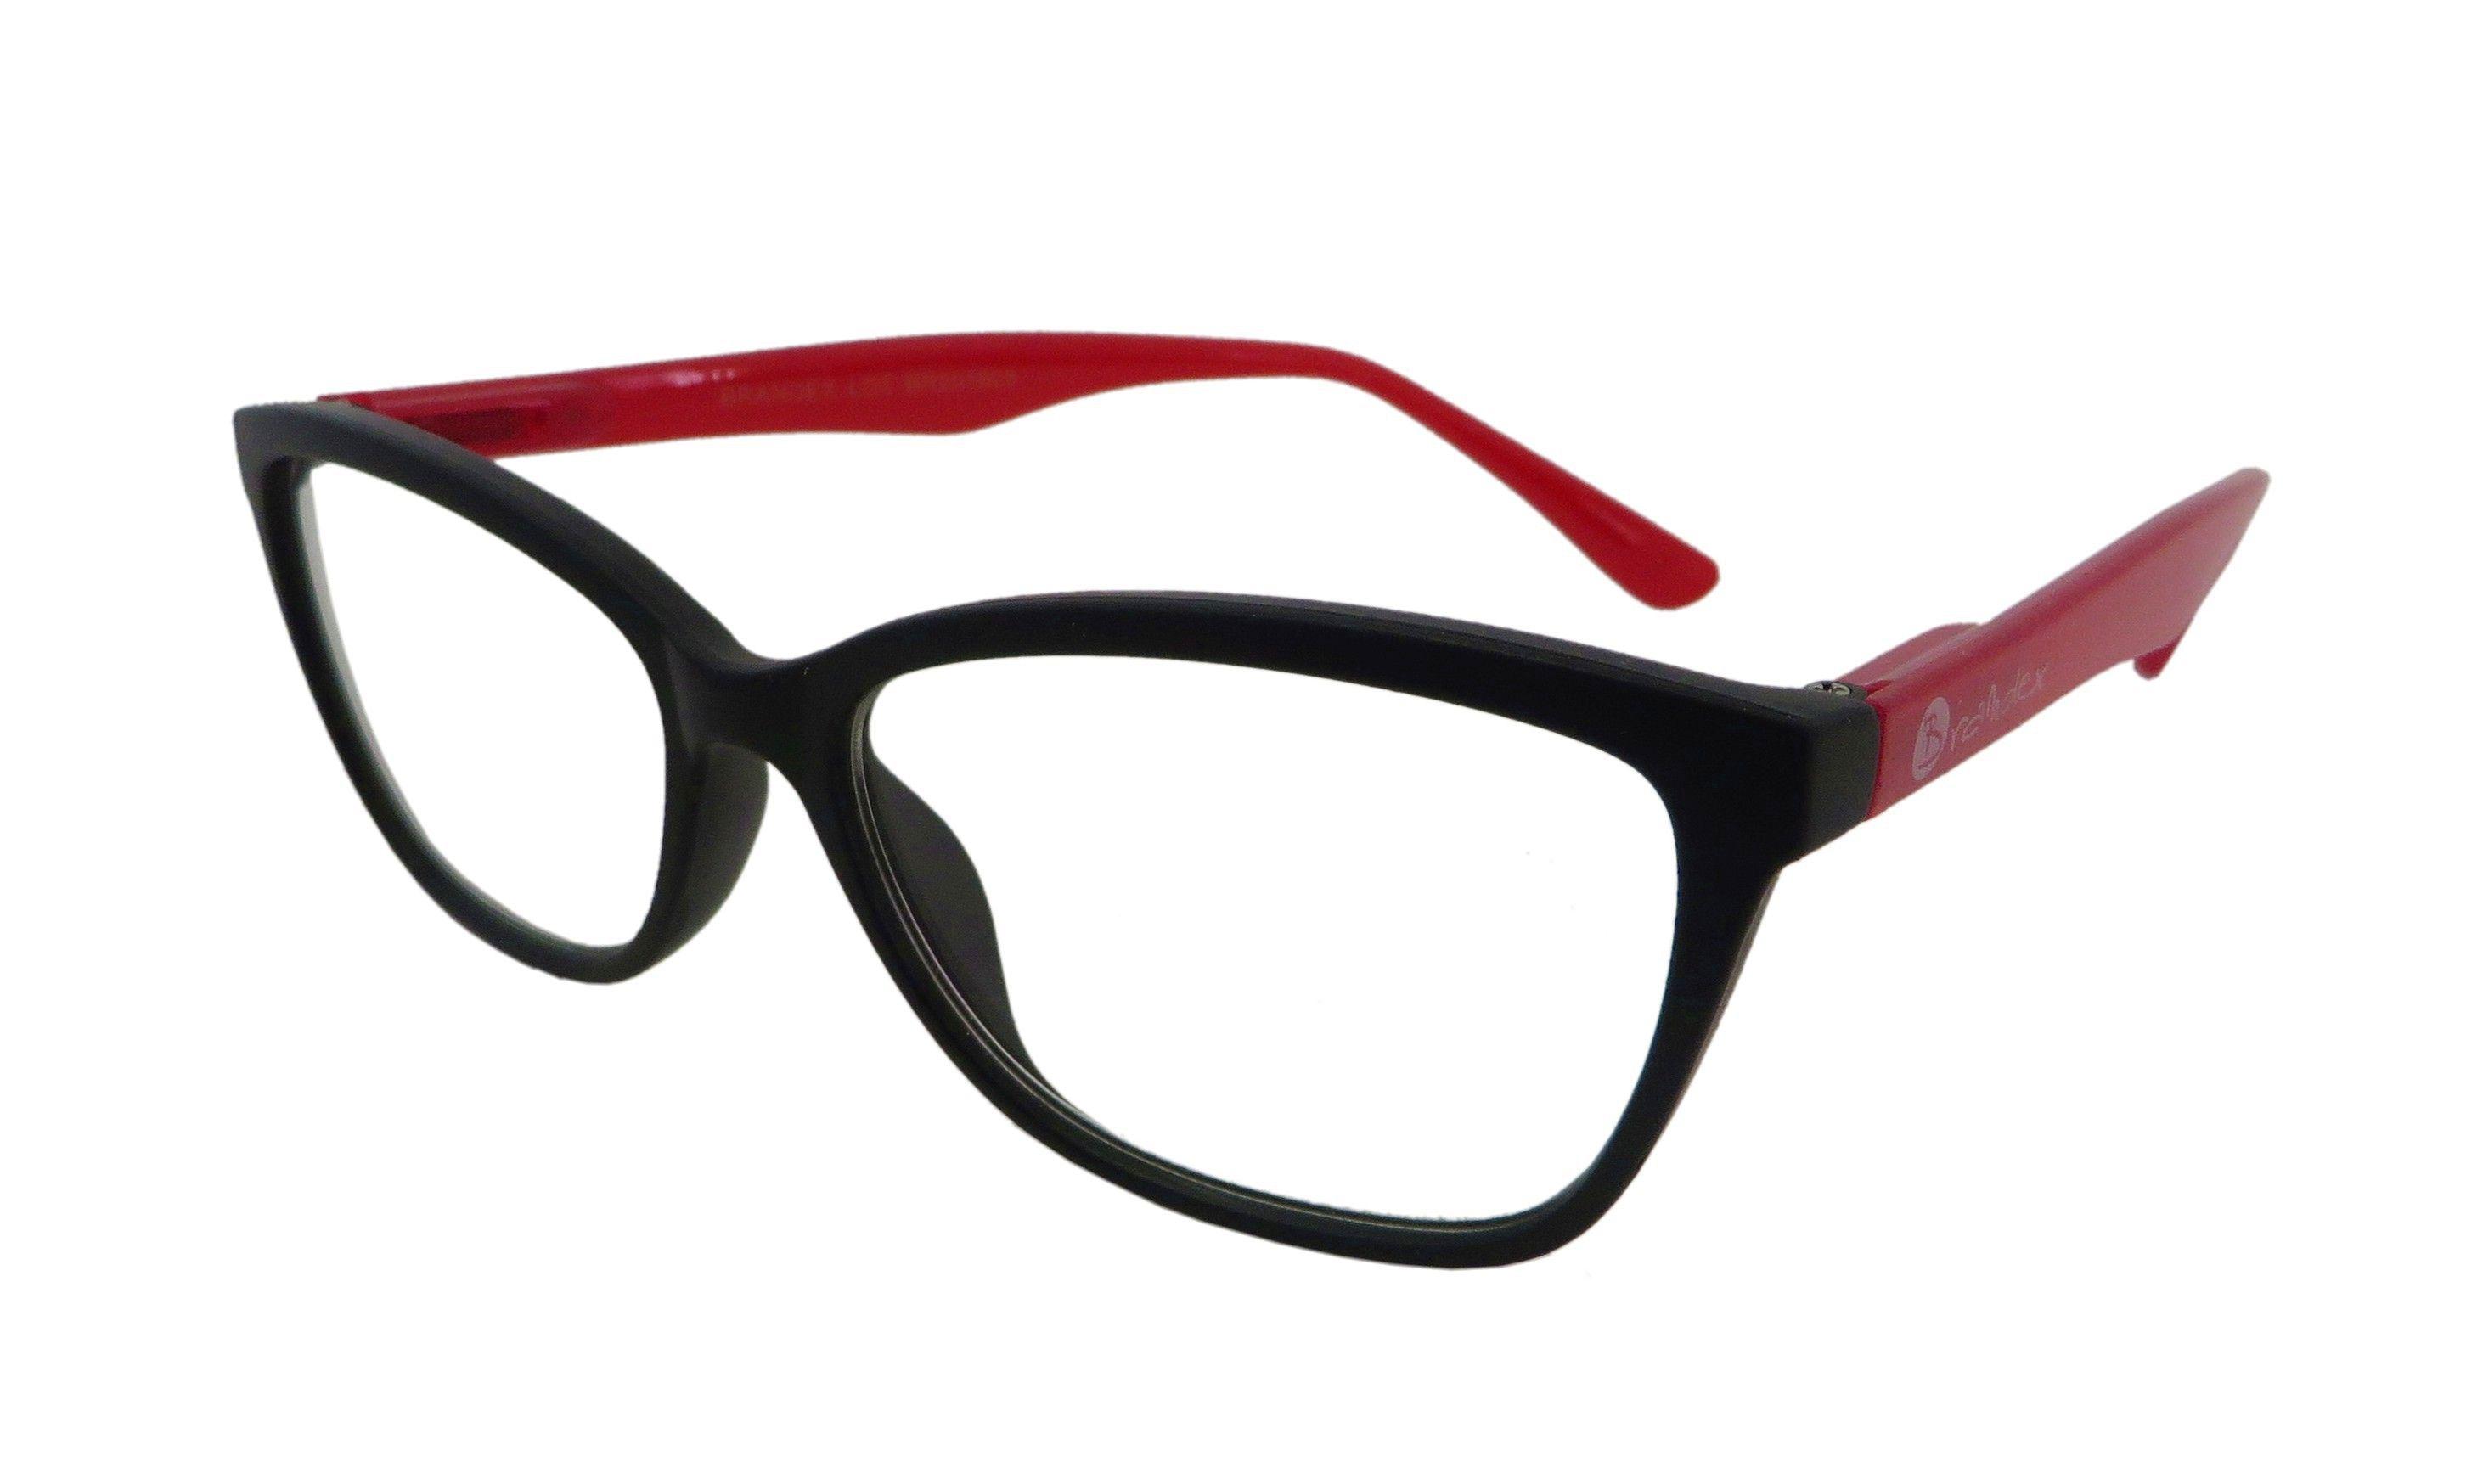 Okulary Do Czytania Modny Dodatek Do Wielu Stylizacji Zobacz